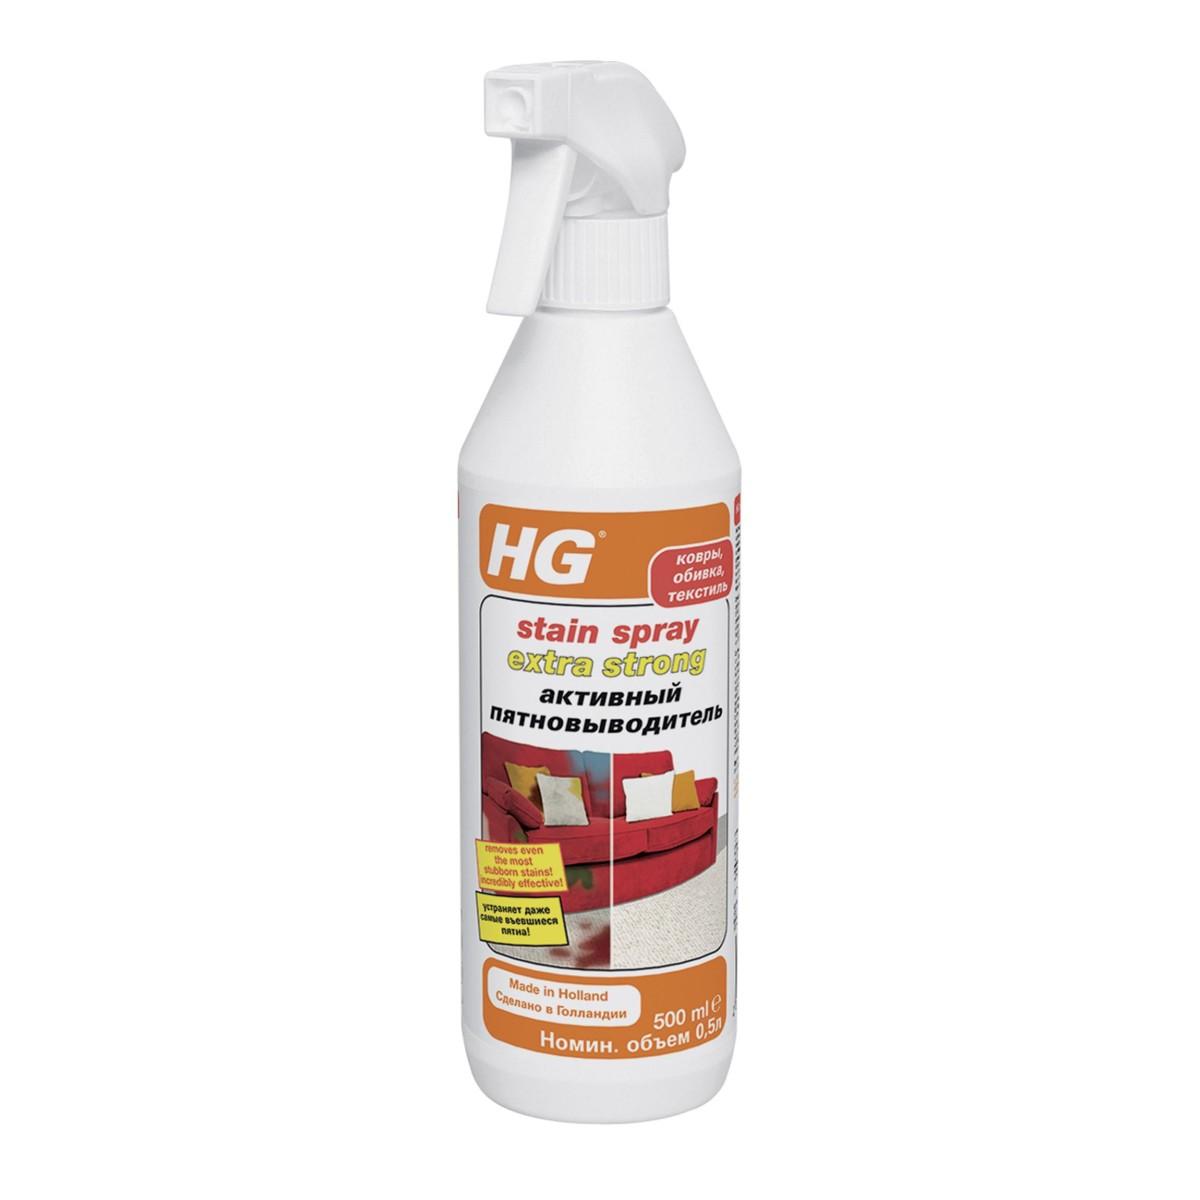 Активный пятновыводитель 05л HG 144050161